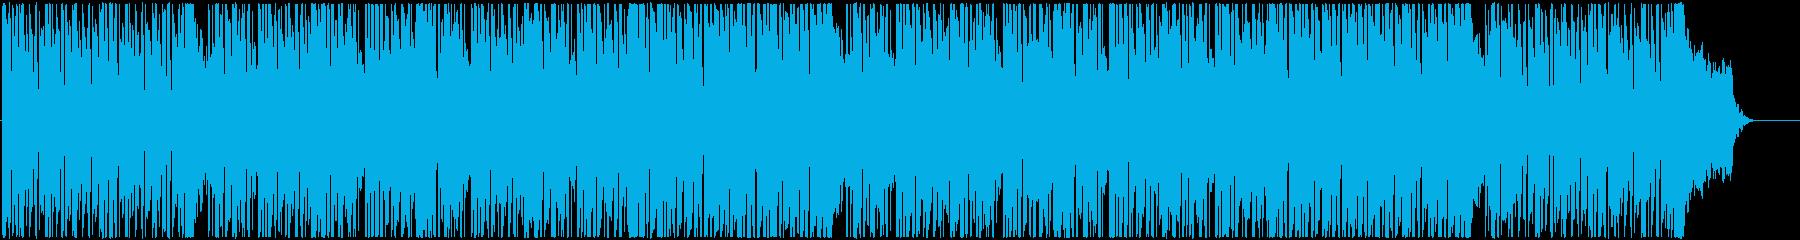 軽快な90年代ポップスを思わせる曲の再生済みの波形